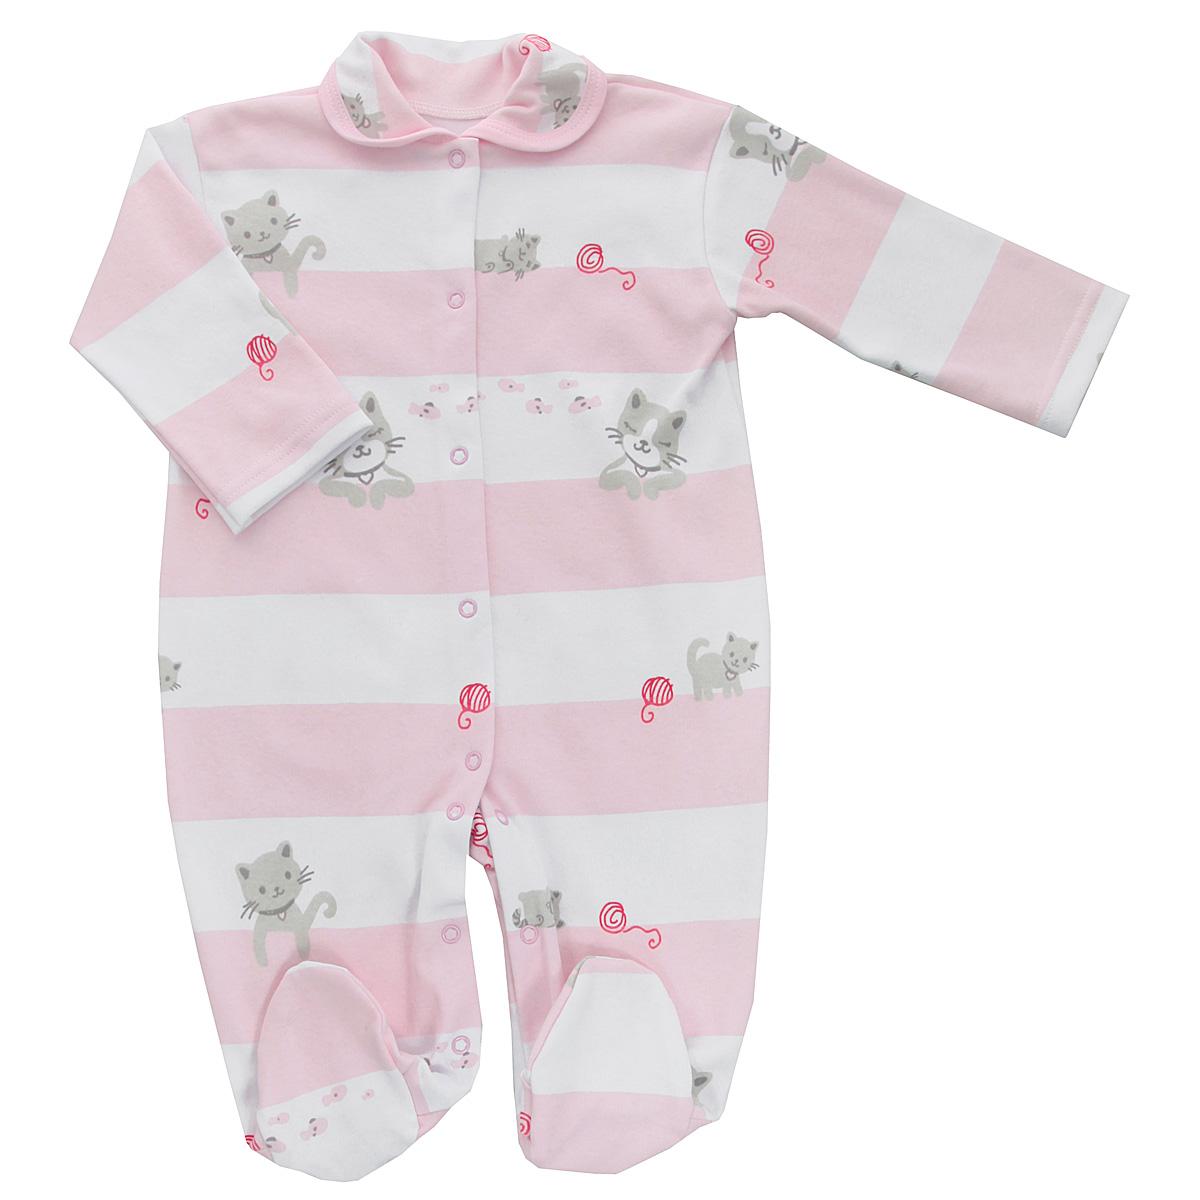 Комбинезон детский Трон-плюс, цвет: белый, розовый. 5815_котенок, полоска. Размер 74, 9 месяцев5815_котенок, полоскаДетский комбинезон Трон-Плюс - очень удобный и практичный вид одежды для малышей. Комбинезон выполнен из интерлока - натурального хлопка, благодаря чему он необычайно мягкий и приятный на ощупь, не раздражает нежную кожу ребенка, и хорошо вентилируются, а эластичные швы приятны телу младенца и не препятствуют его движениям. Комбинезон с длинными рукавами, закрытыми ножками и отложным воротничком имеет застежки-кнопки от горловины до щиколоток, которые помогают легко переодеть ребенка или сменить подгузник. Воротник по краю дополнен контрастной бейкой. Оформлено изделие принтом в полоску, а также изображениями котят. С детским комбинезоном спинка и ножки вашего крохи всегда будут в тепле, он идеален для использования днем и незаменим ночью. Комбинезон полностью соответствует особенностям жизни младенца в ранний период, не стесняя и не ограничивая его в движениях!